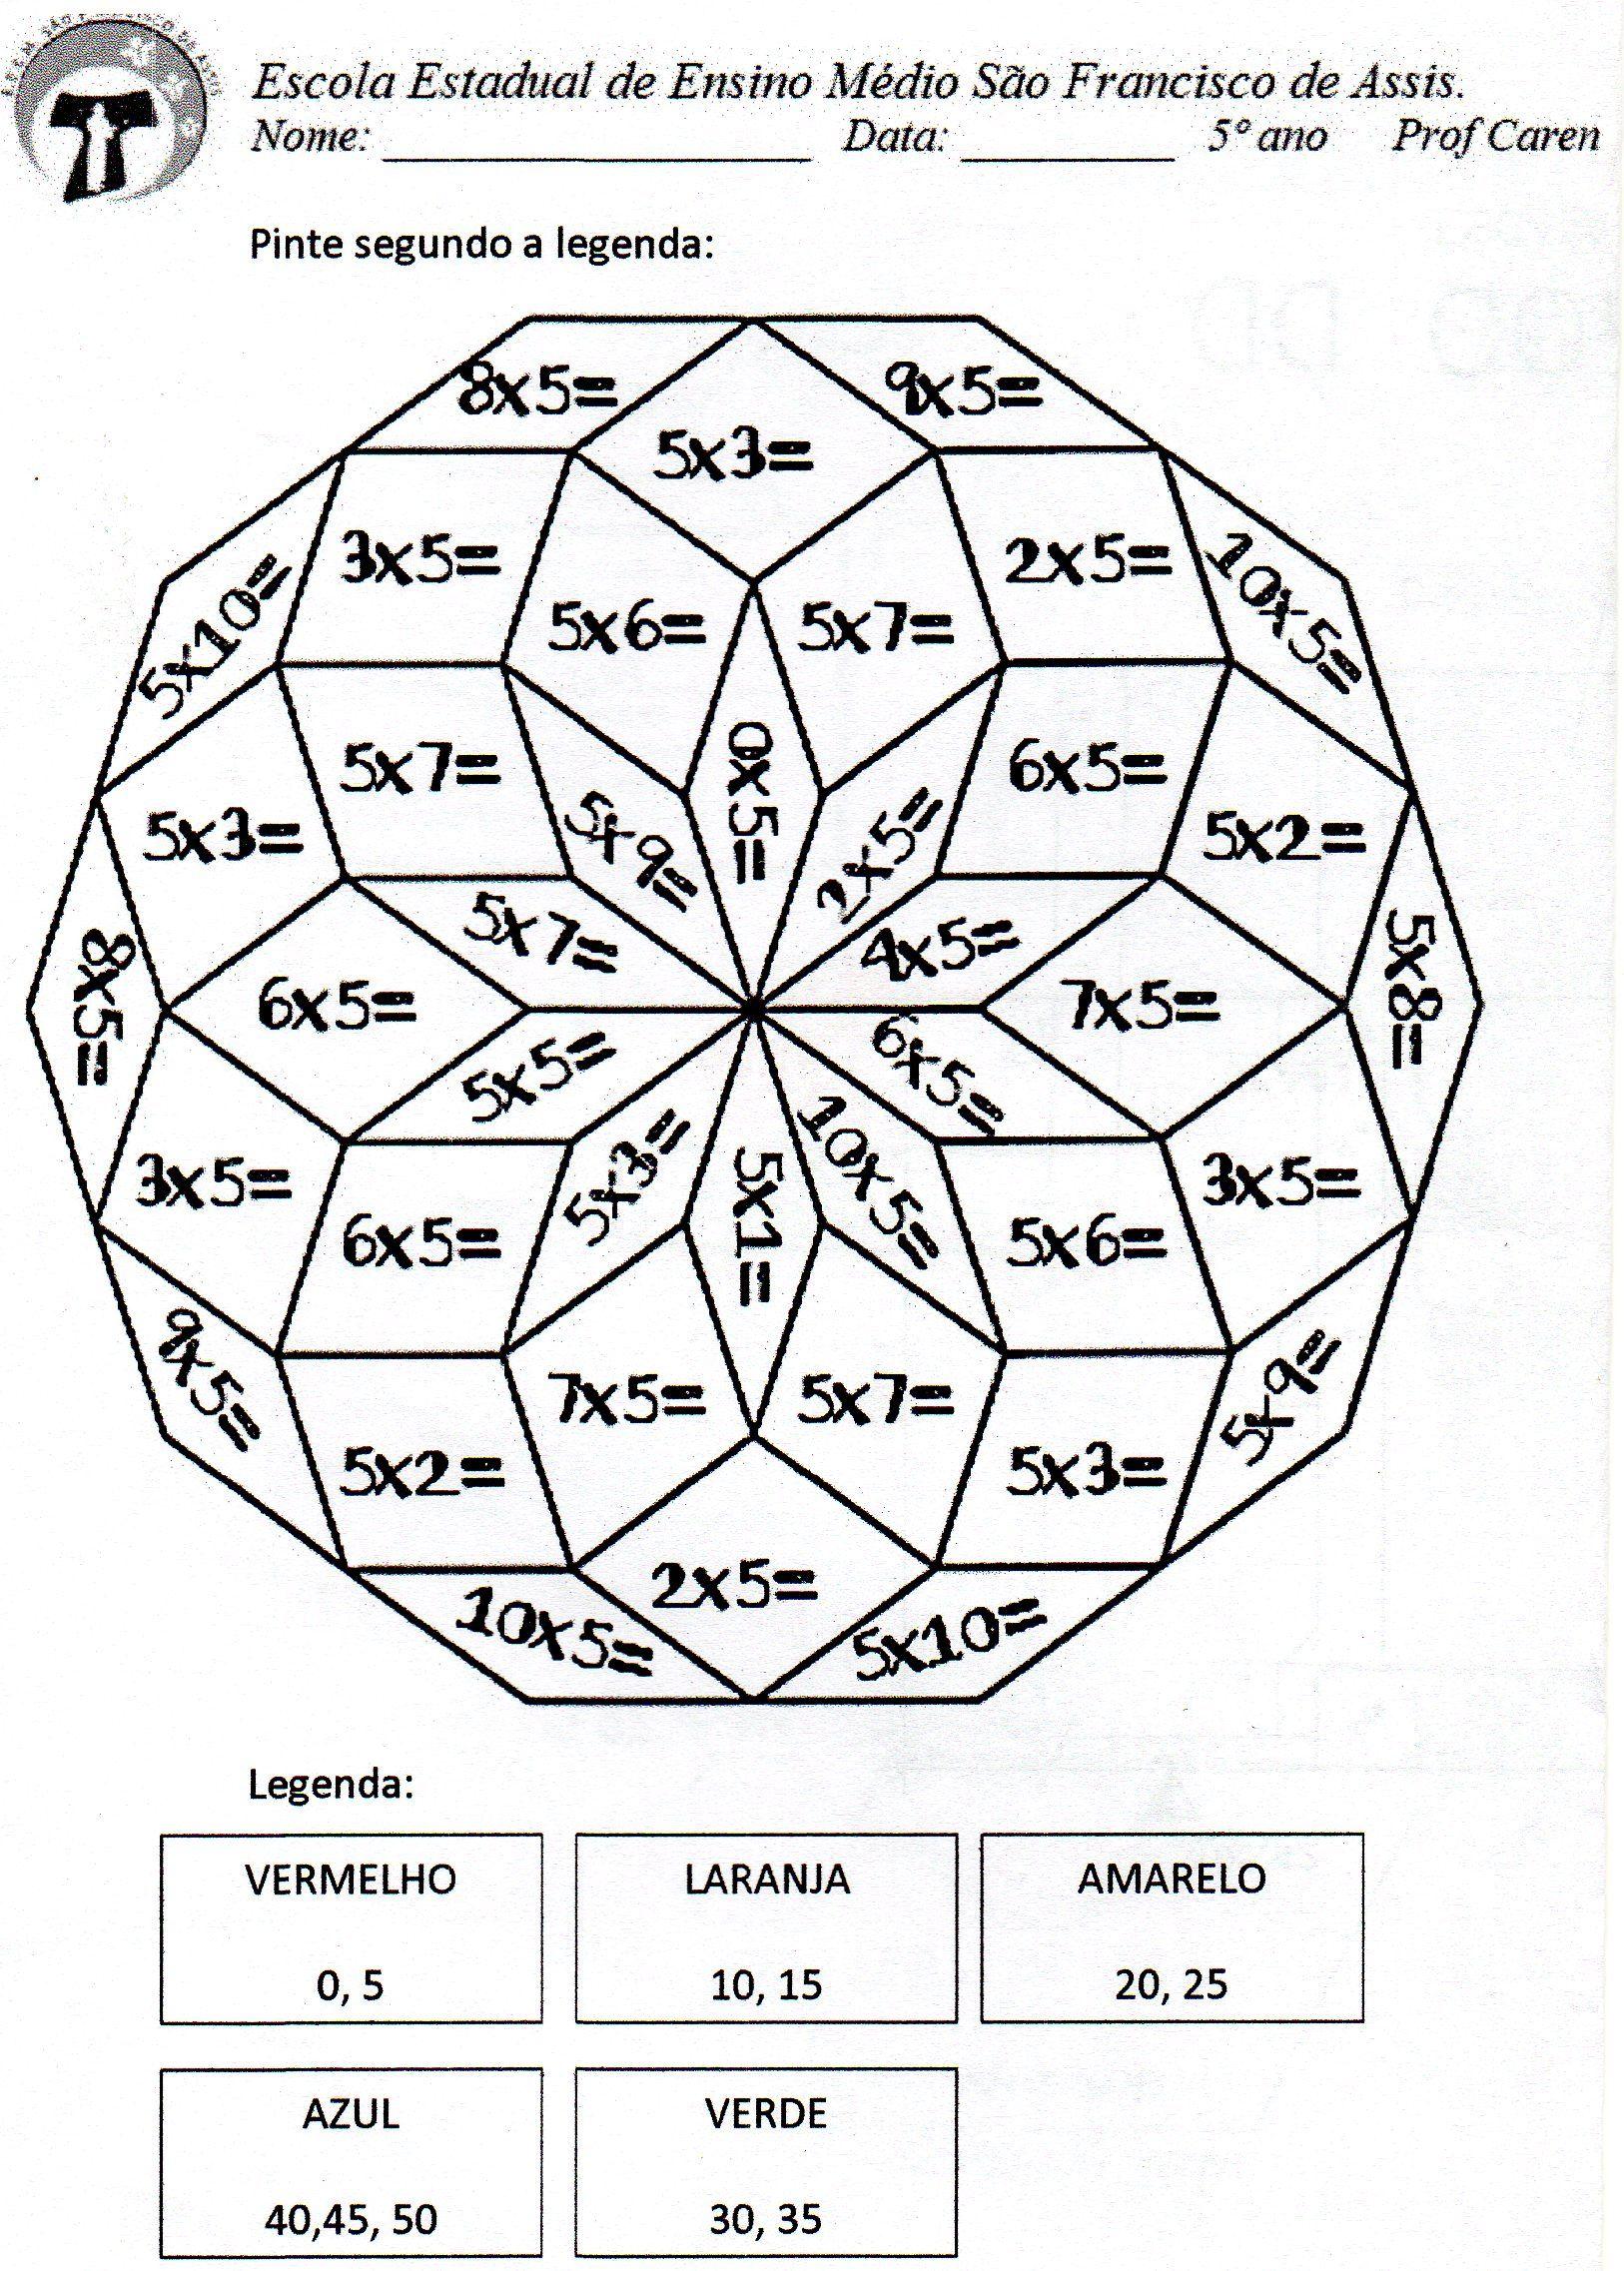 Pinte A Mandala Com Os Resultados Da Multiplicacao Do 5